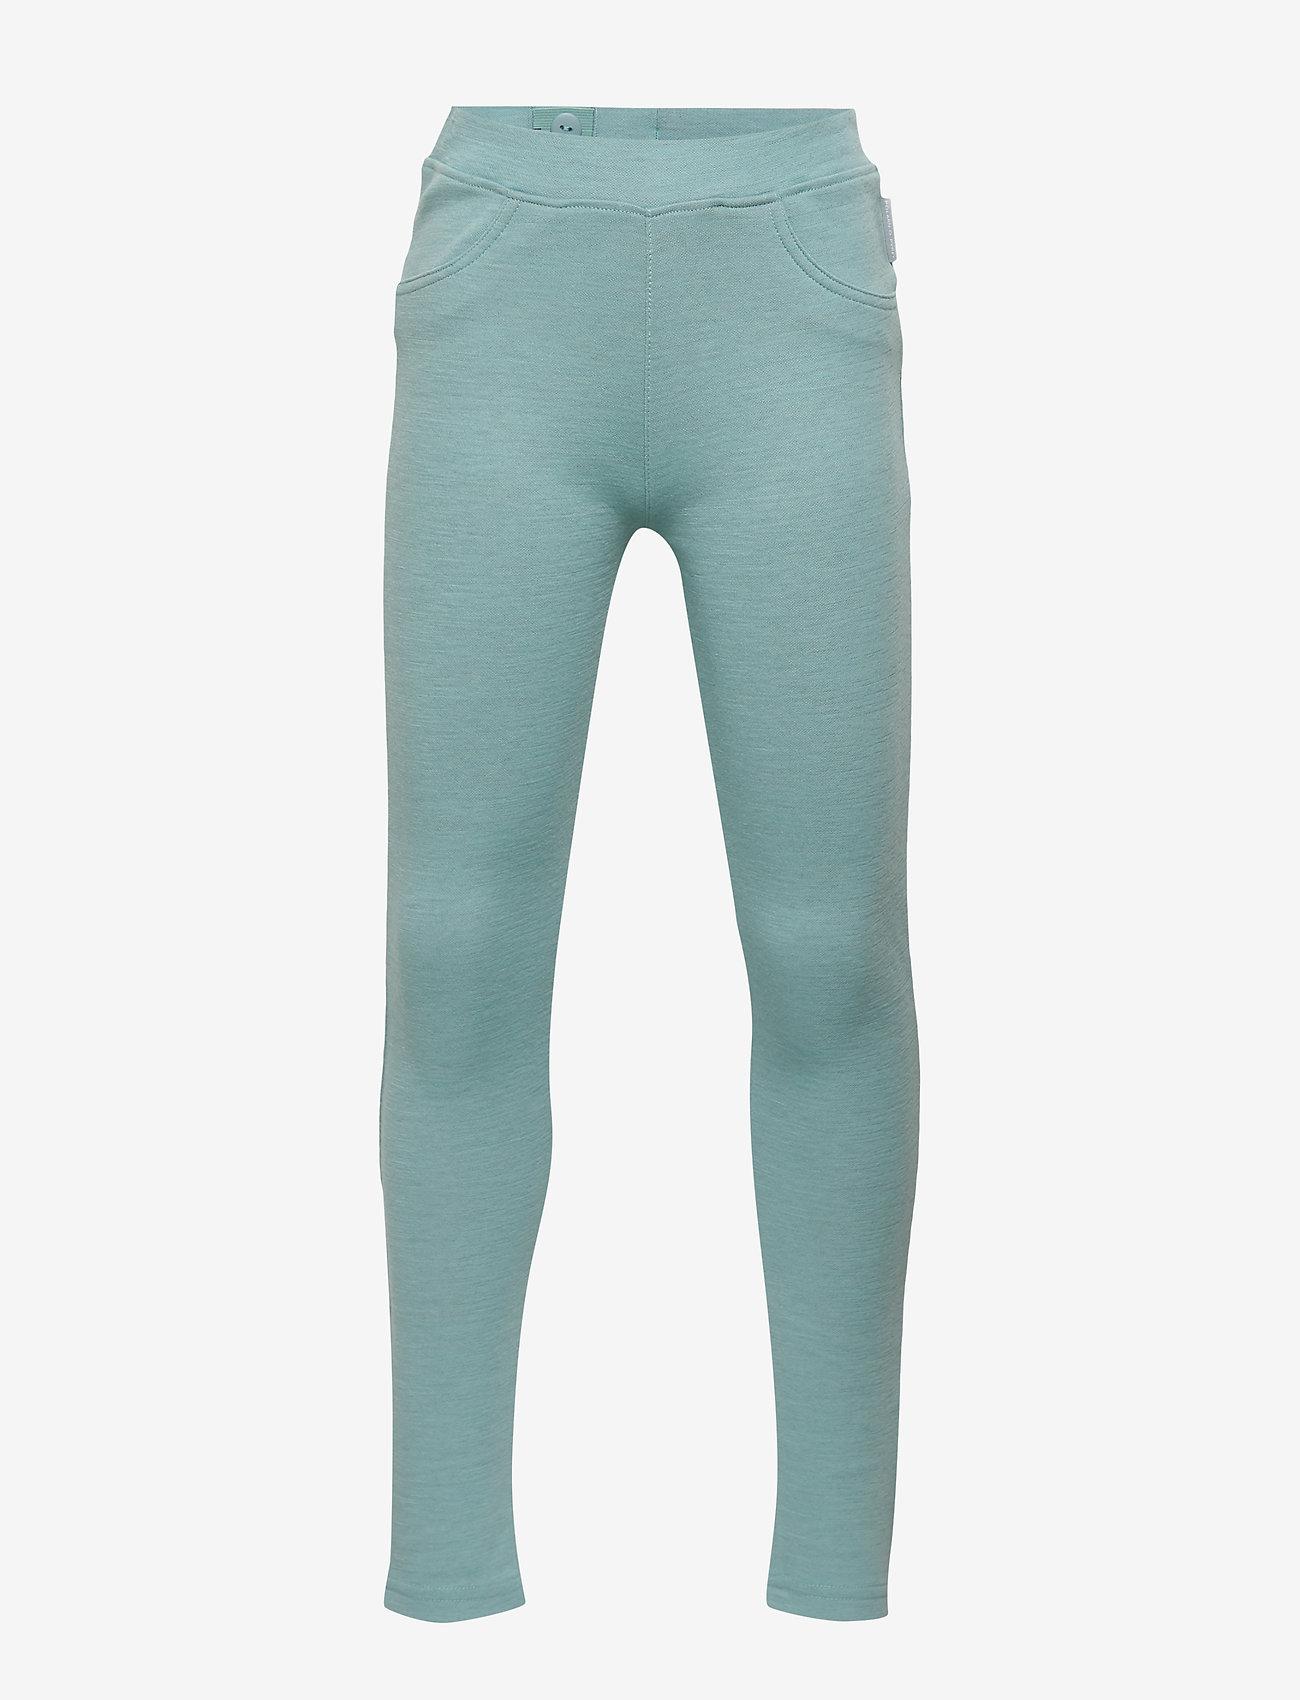 Polarn O. Pyret - Trousers w frill Preschool - wol - marine blue - 0